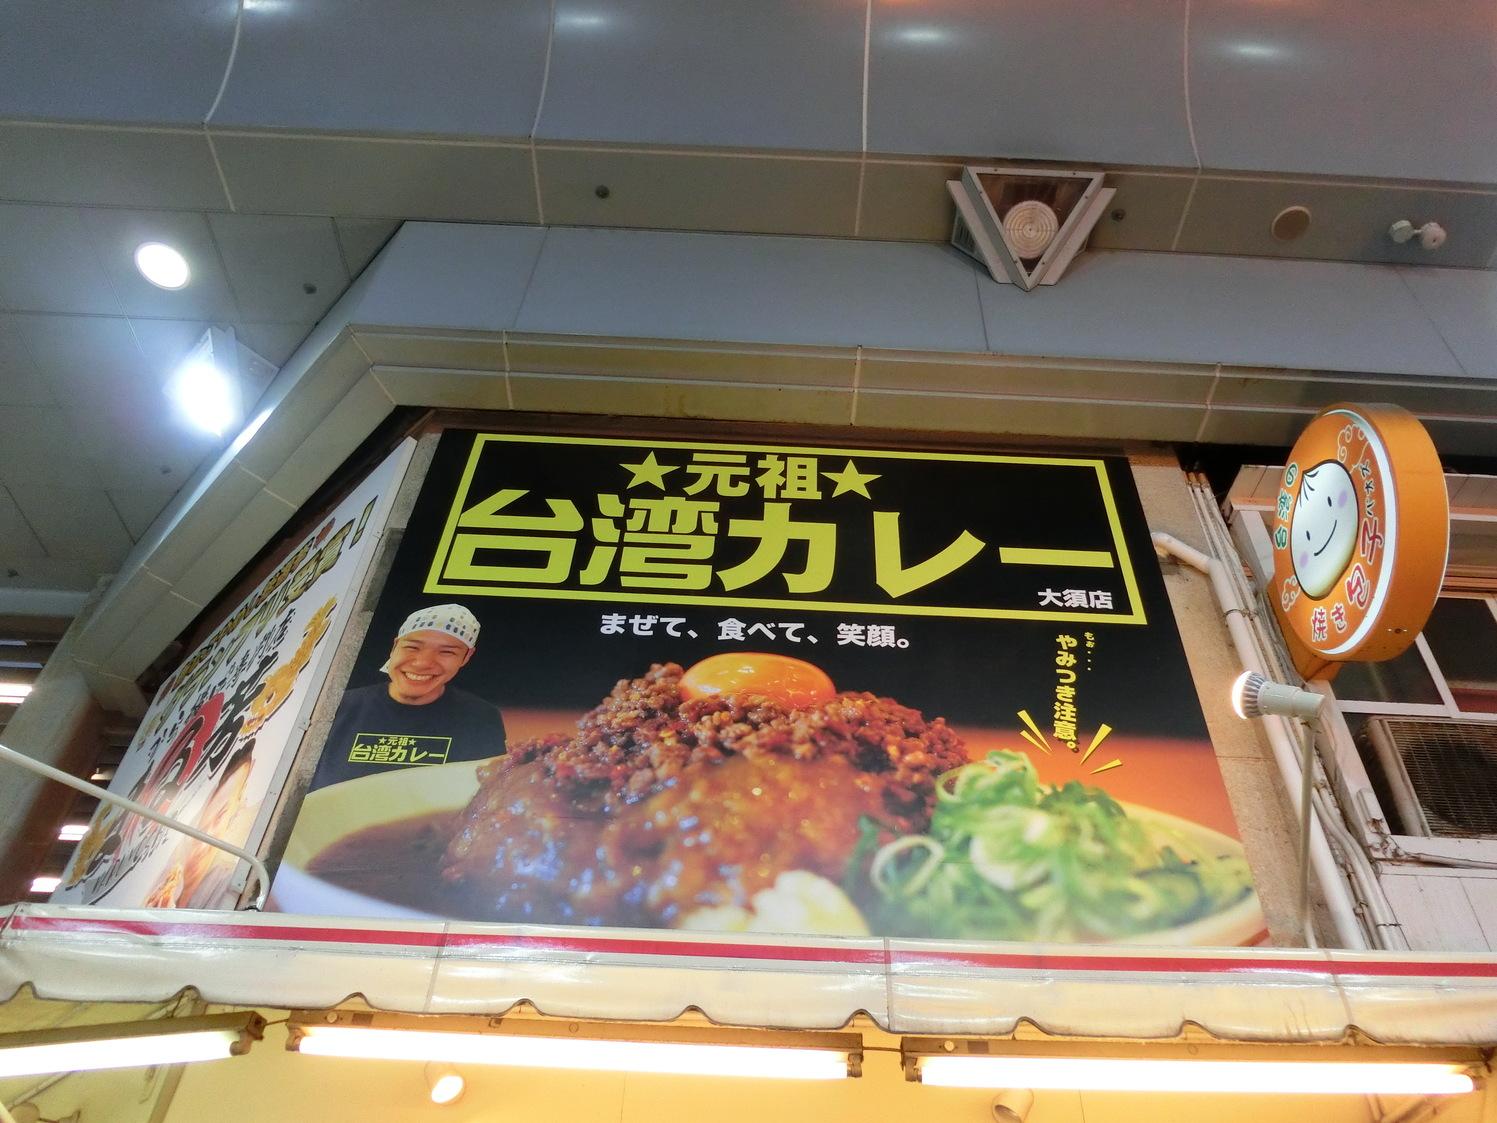 元祖台湾カレー 大須店